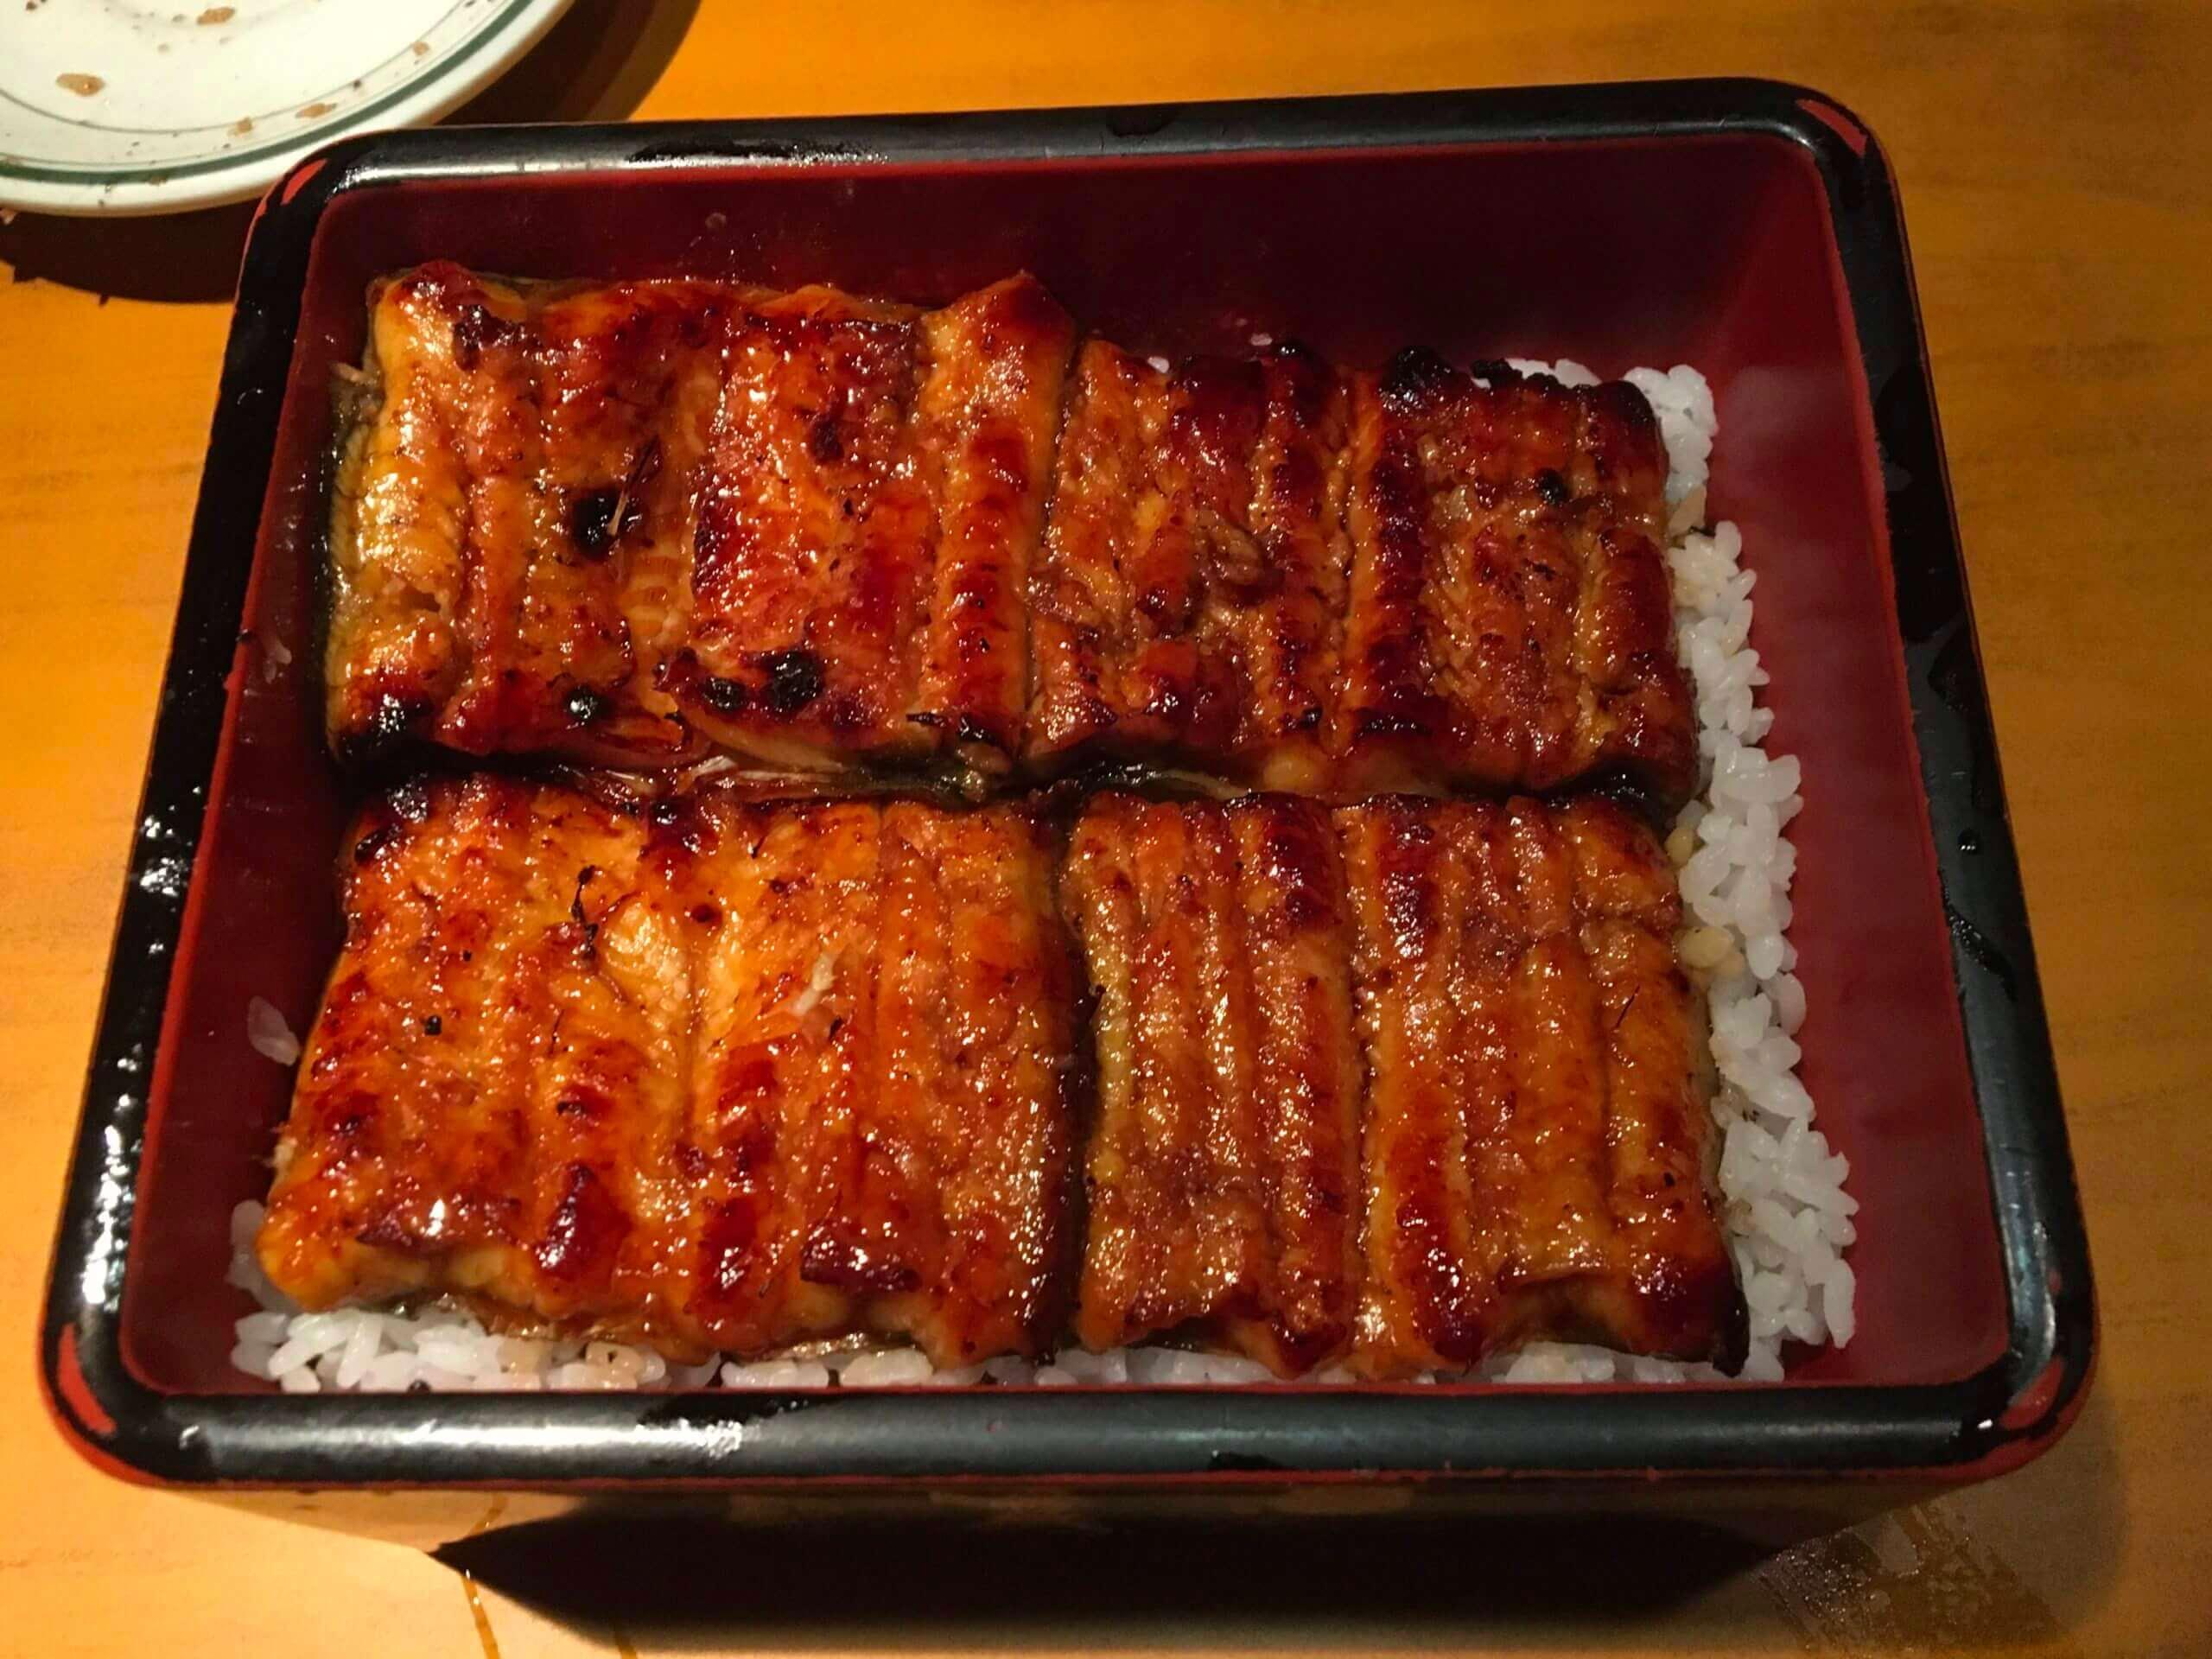 魚心日本料理:台北老字號鰻魚飯|經典鰻魚飯盒